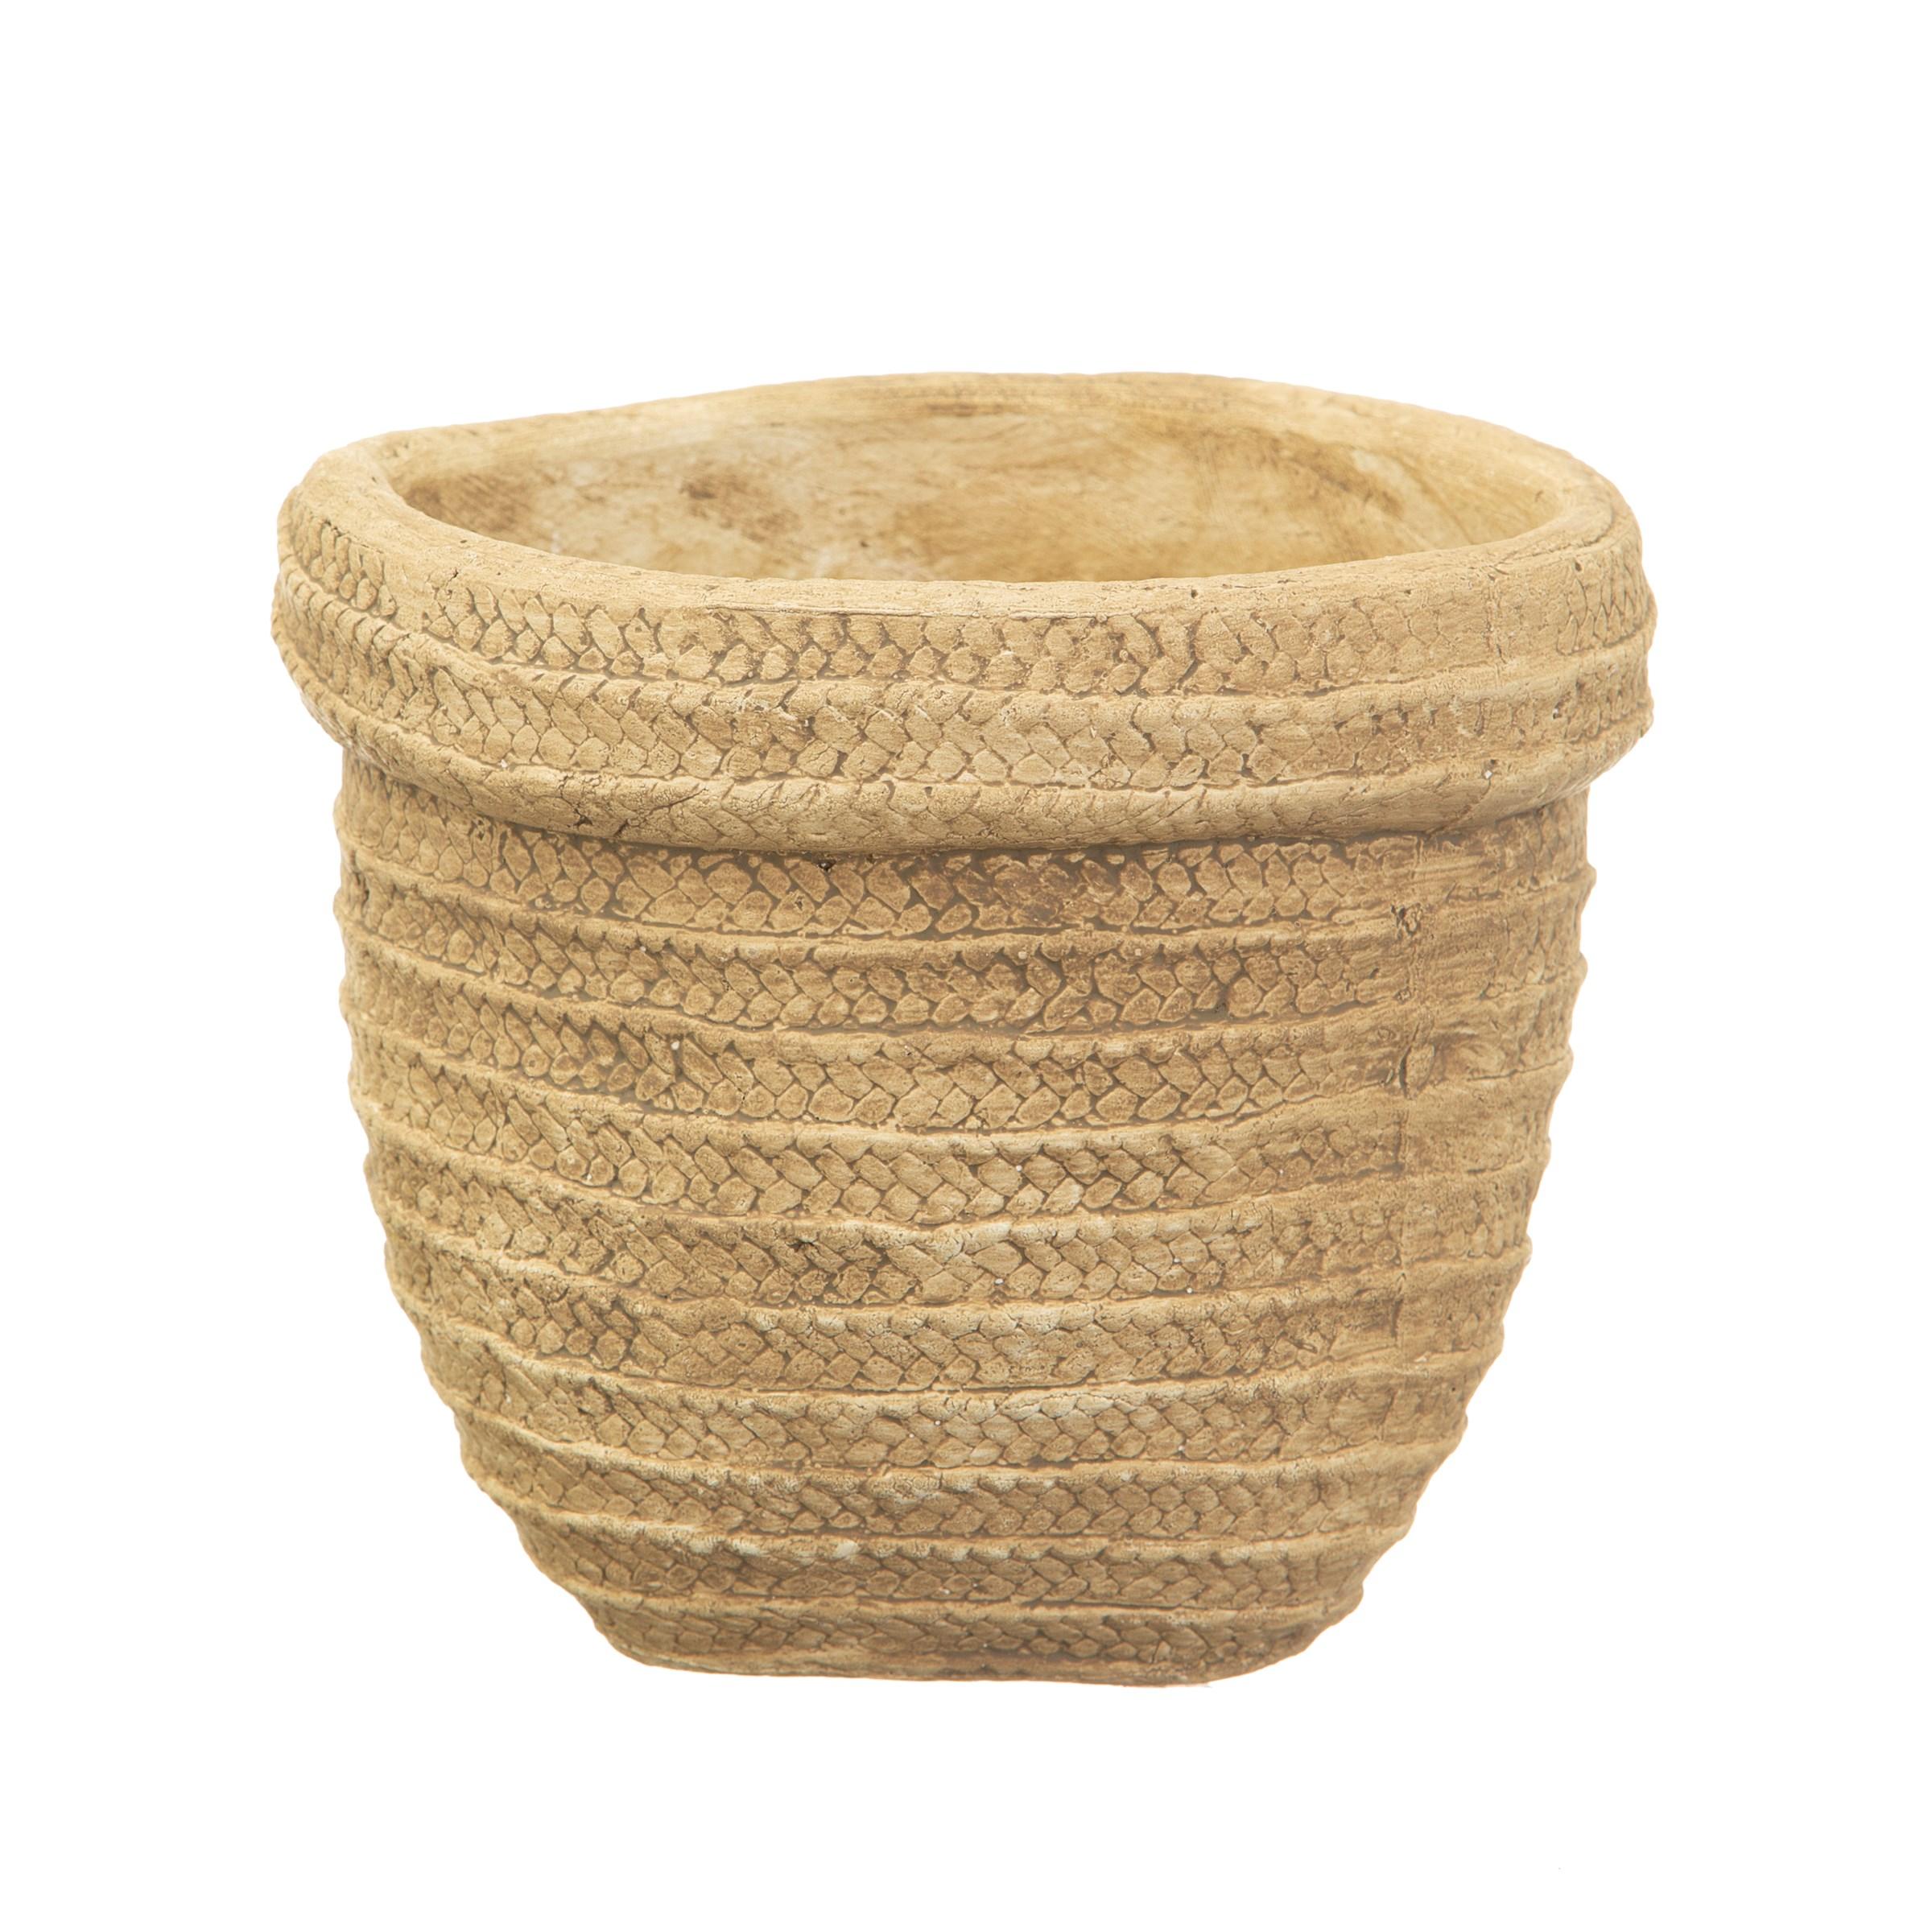 Sass Belle Bloempot Sierra cement basket planter